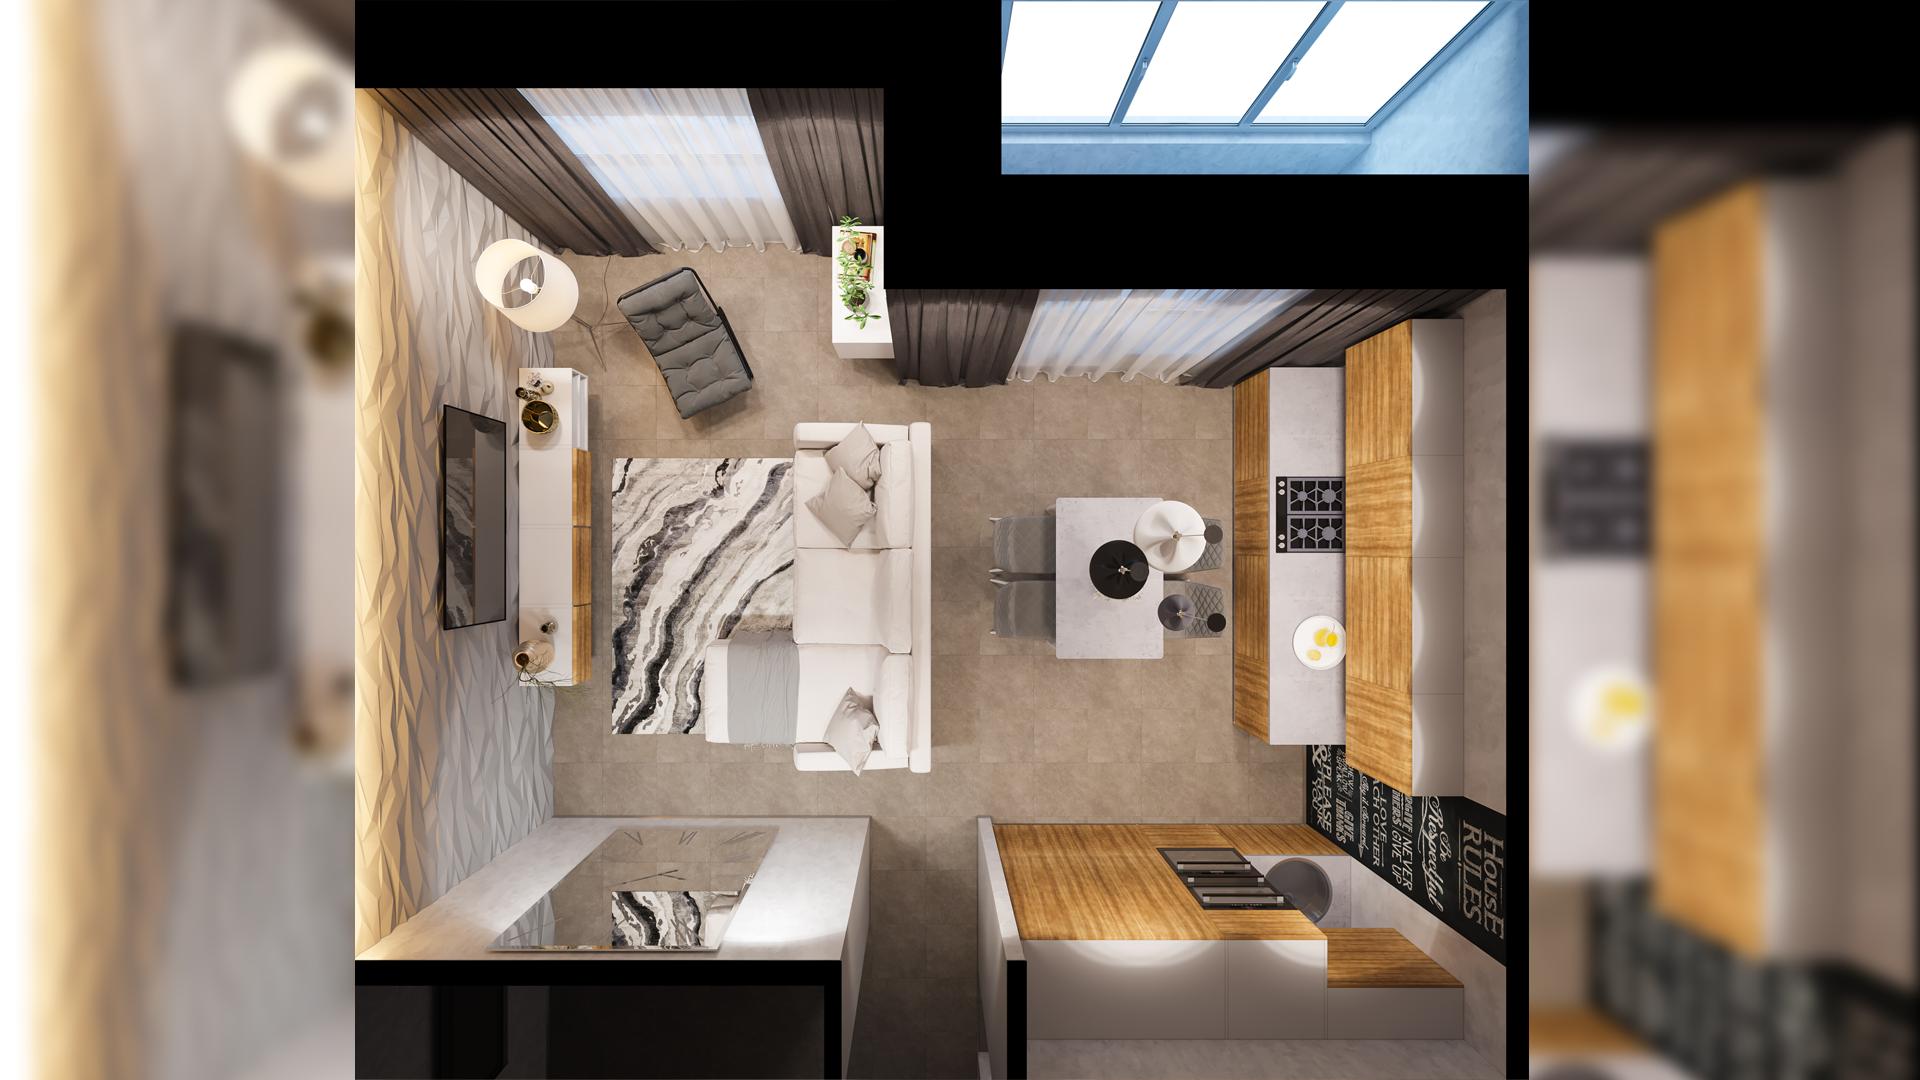 Micro Apartments - der moderne Wohnraum der urbanen Metropole